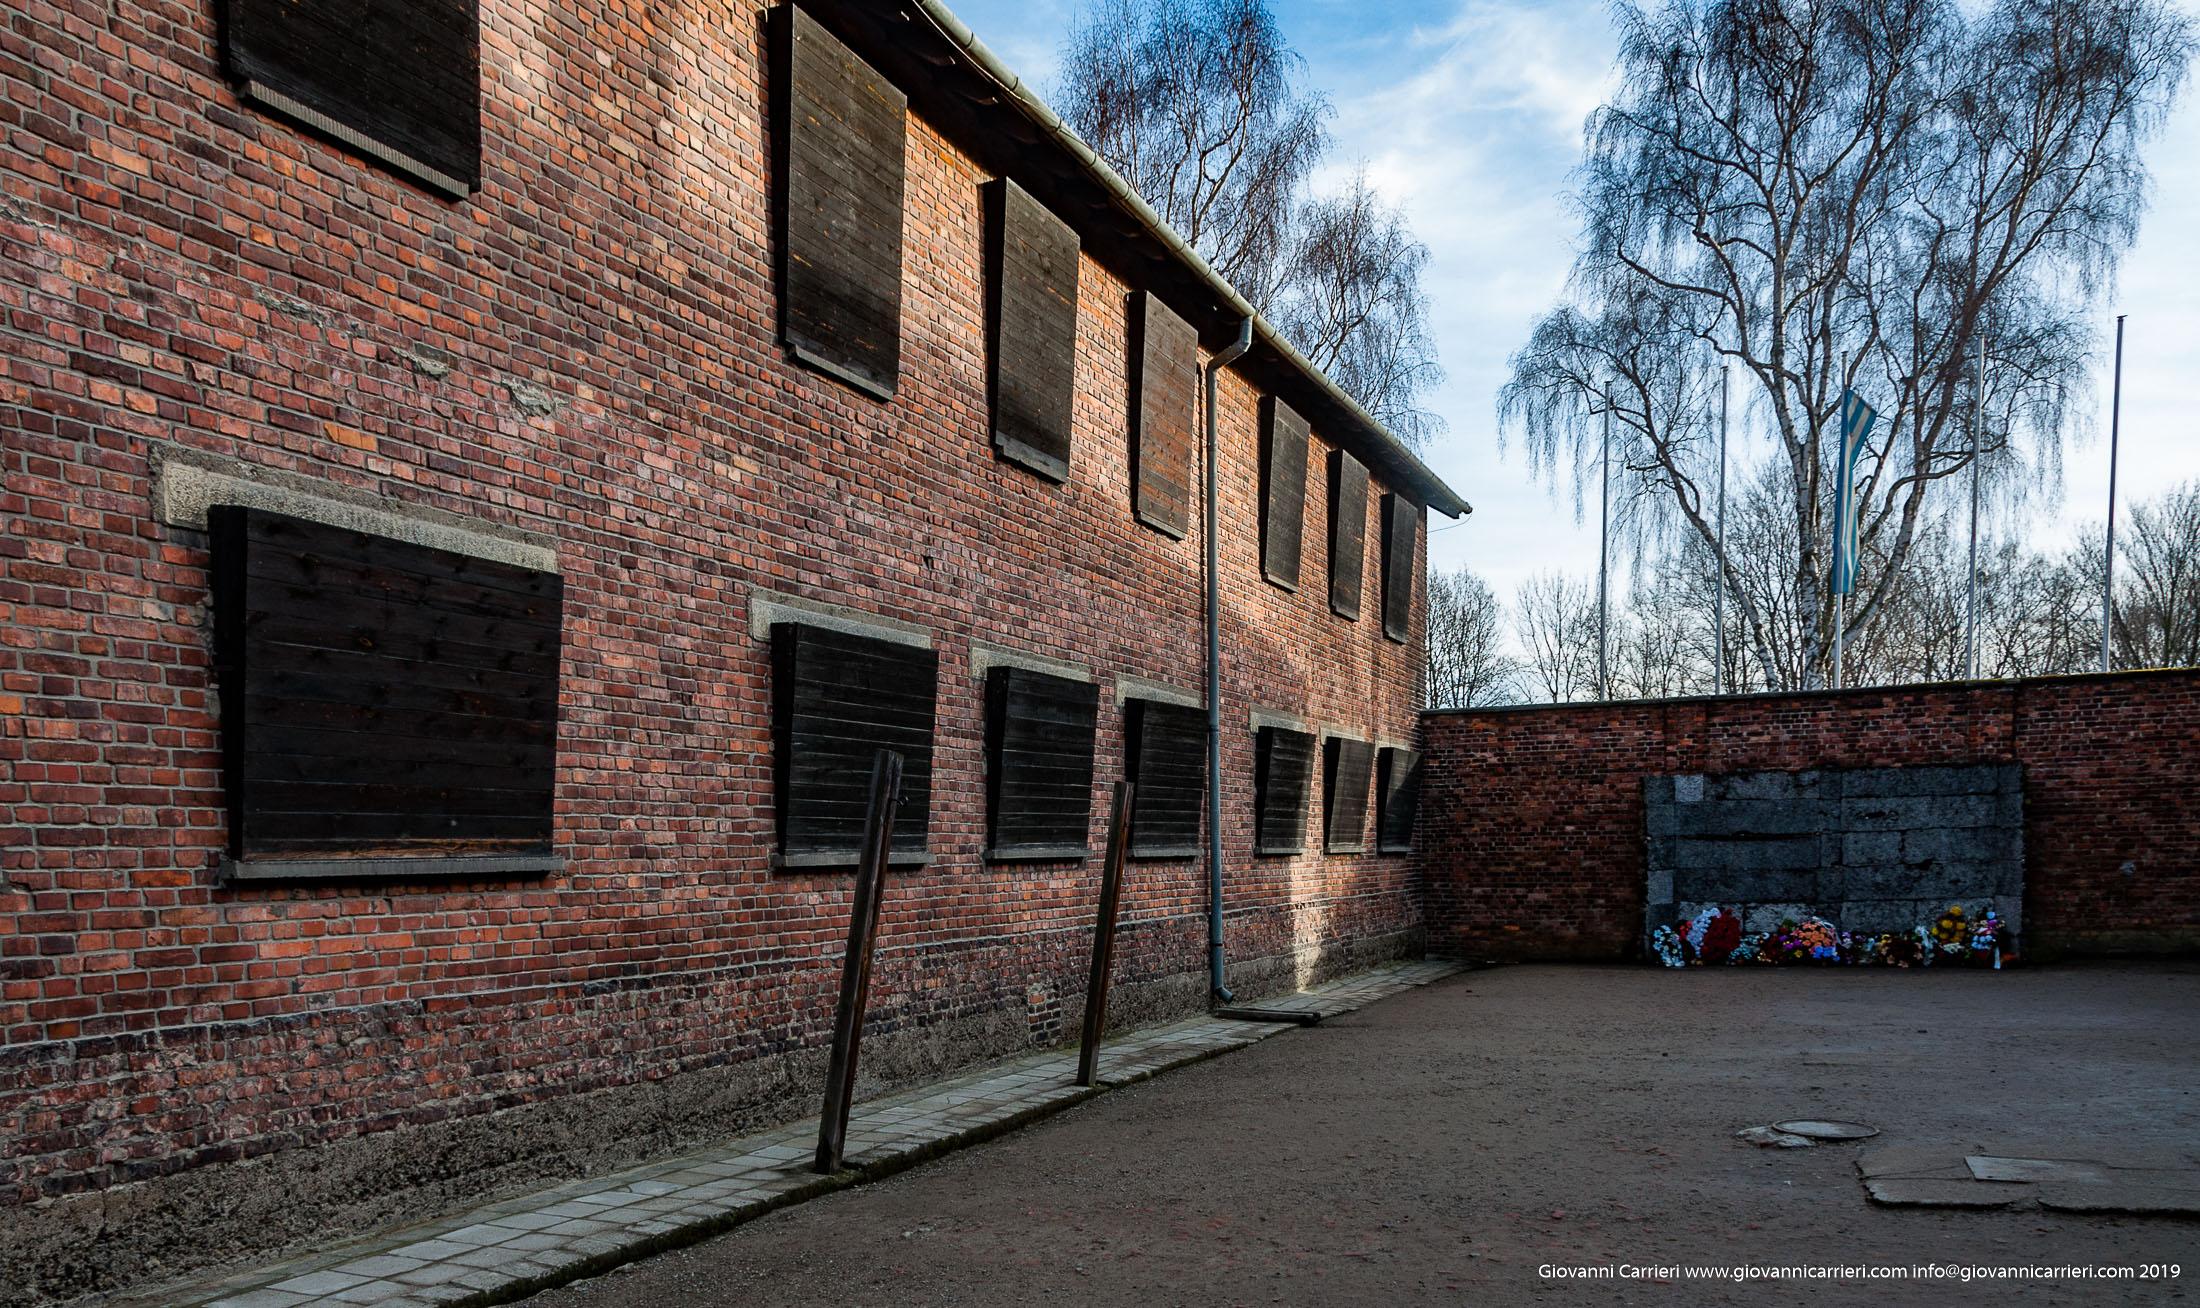 Il supporto per il cappio - Auschwitz